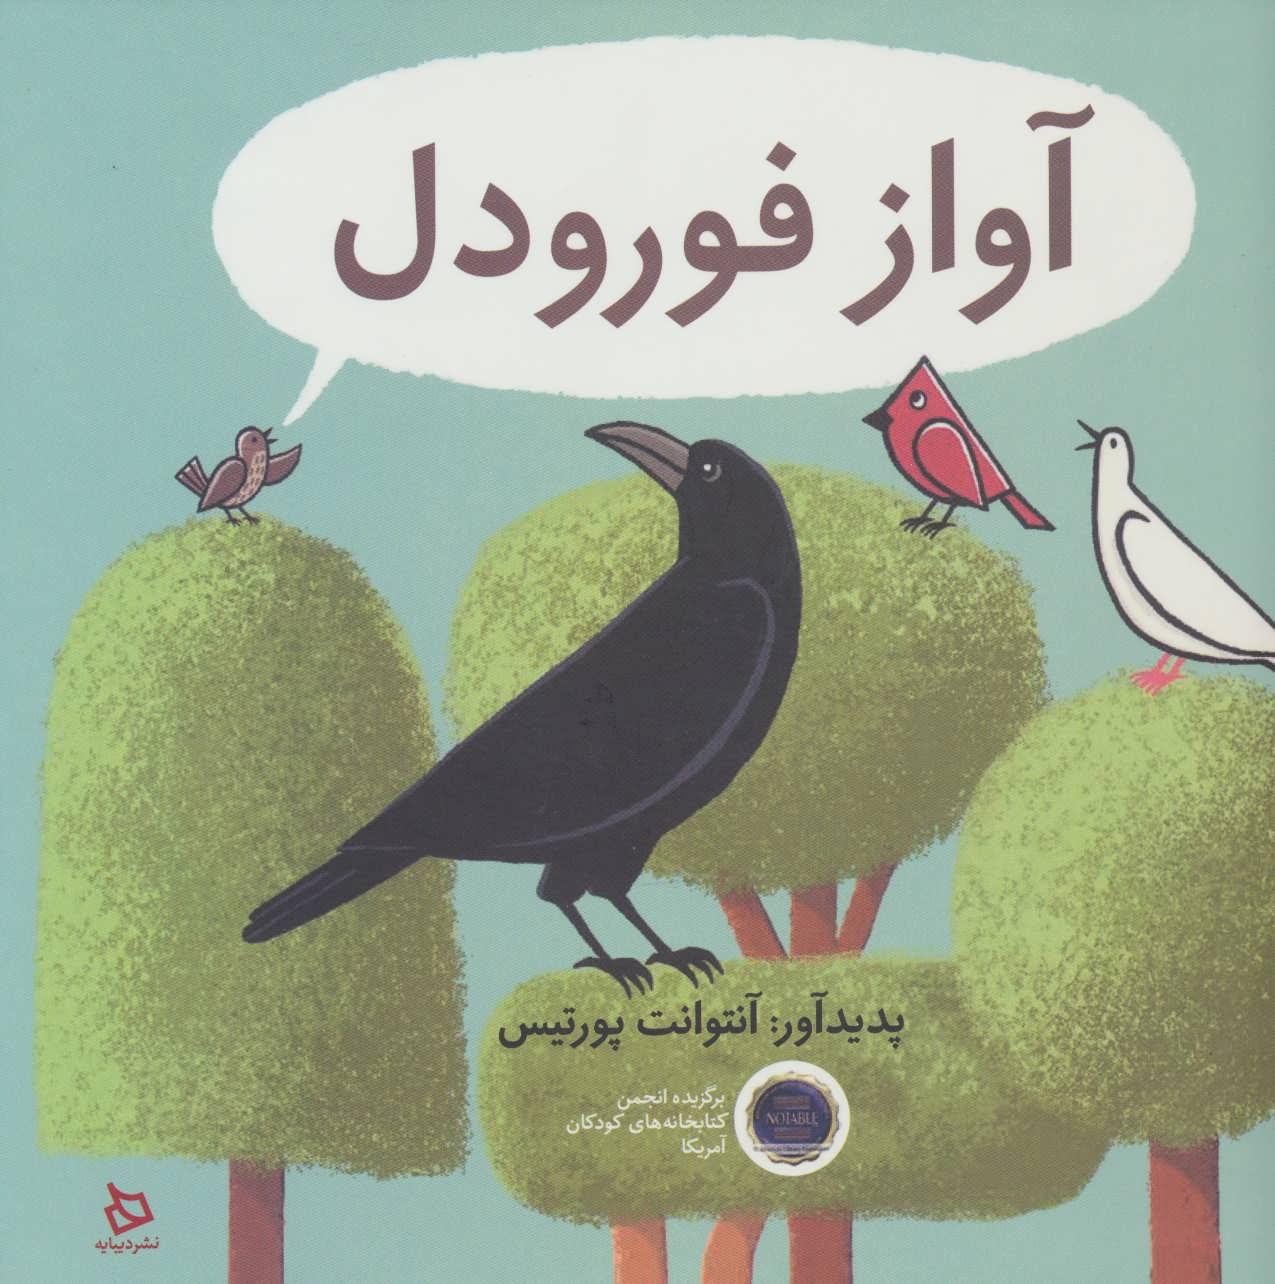 کتاب آواز فورودل